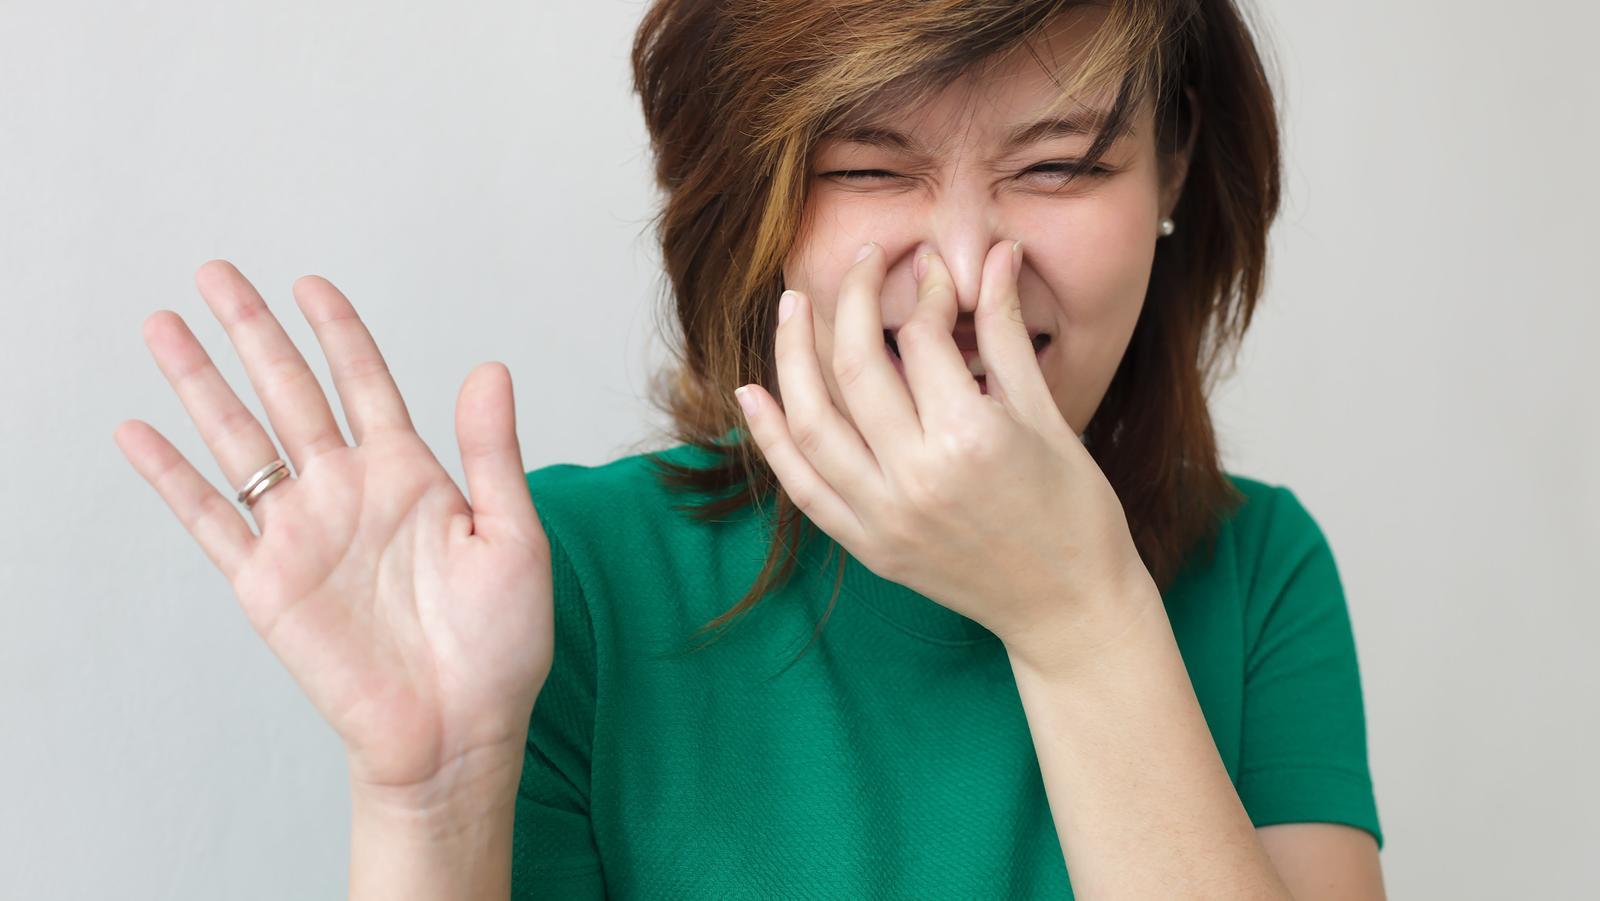 hogyan kell kezelni a gyomor okozta rossz leheletet